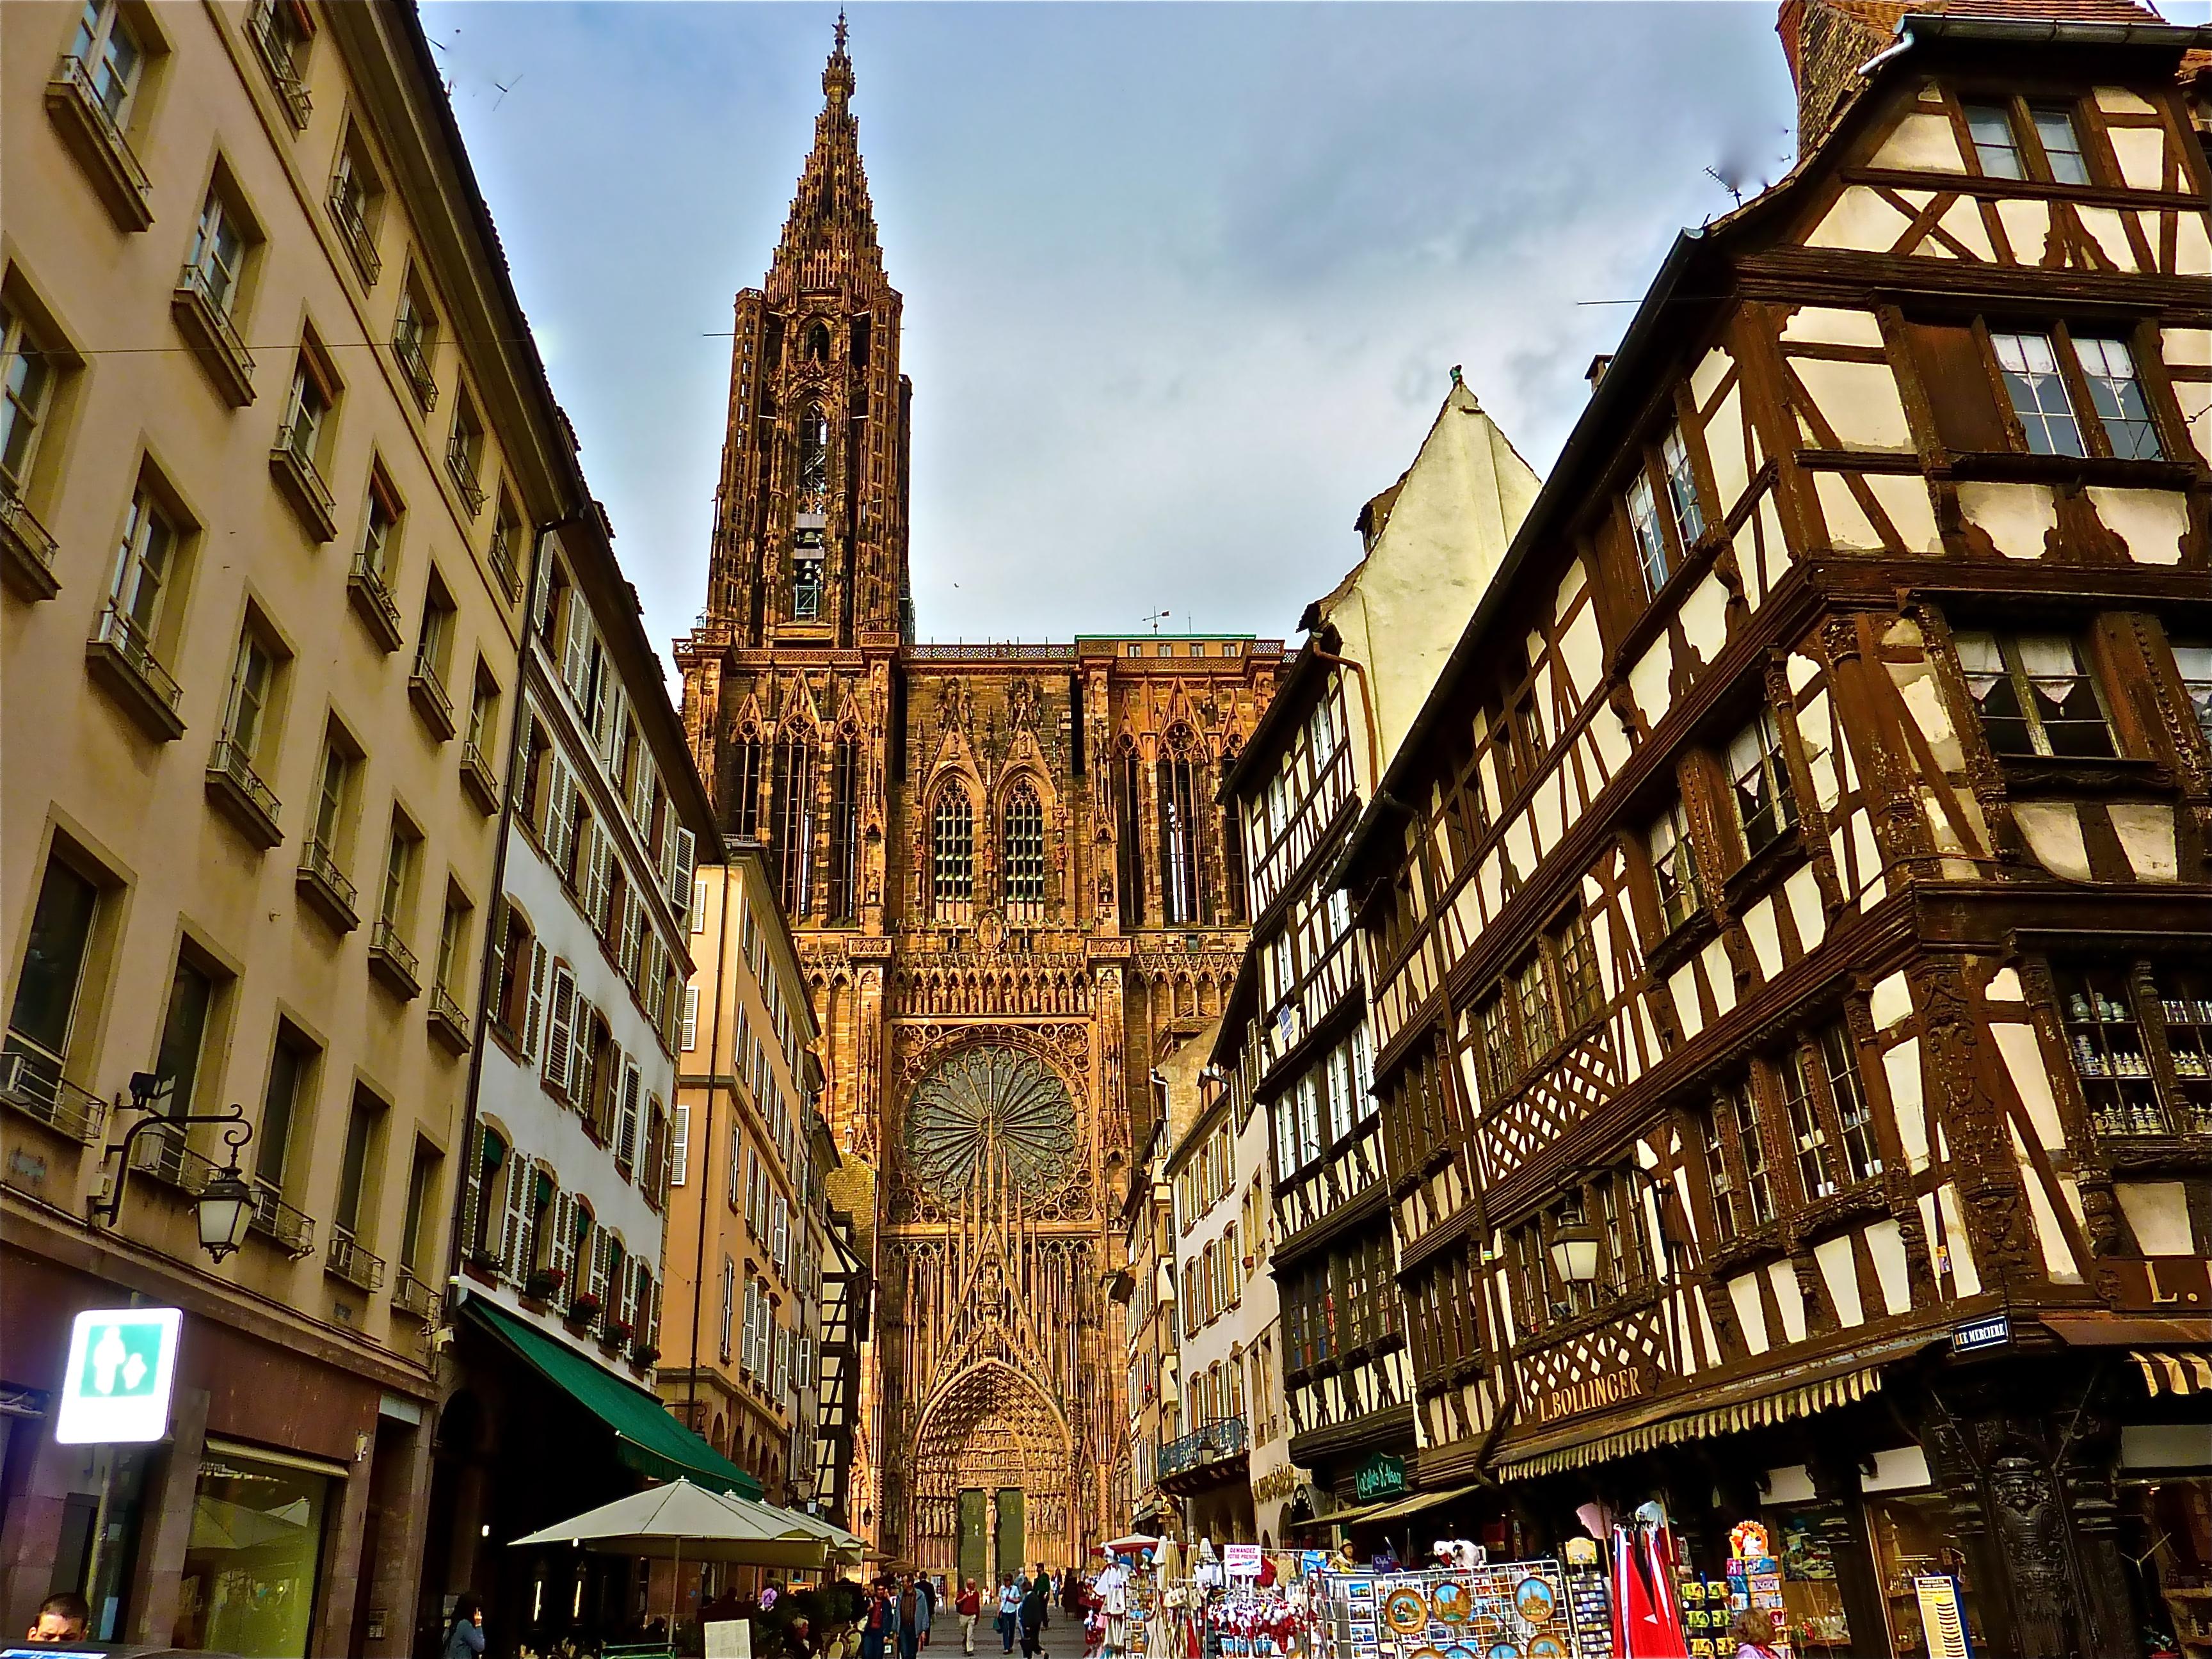 Sogno StrasbourgIl Mio Francese Mio StrasbourgIl zpSGLMVjqU